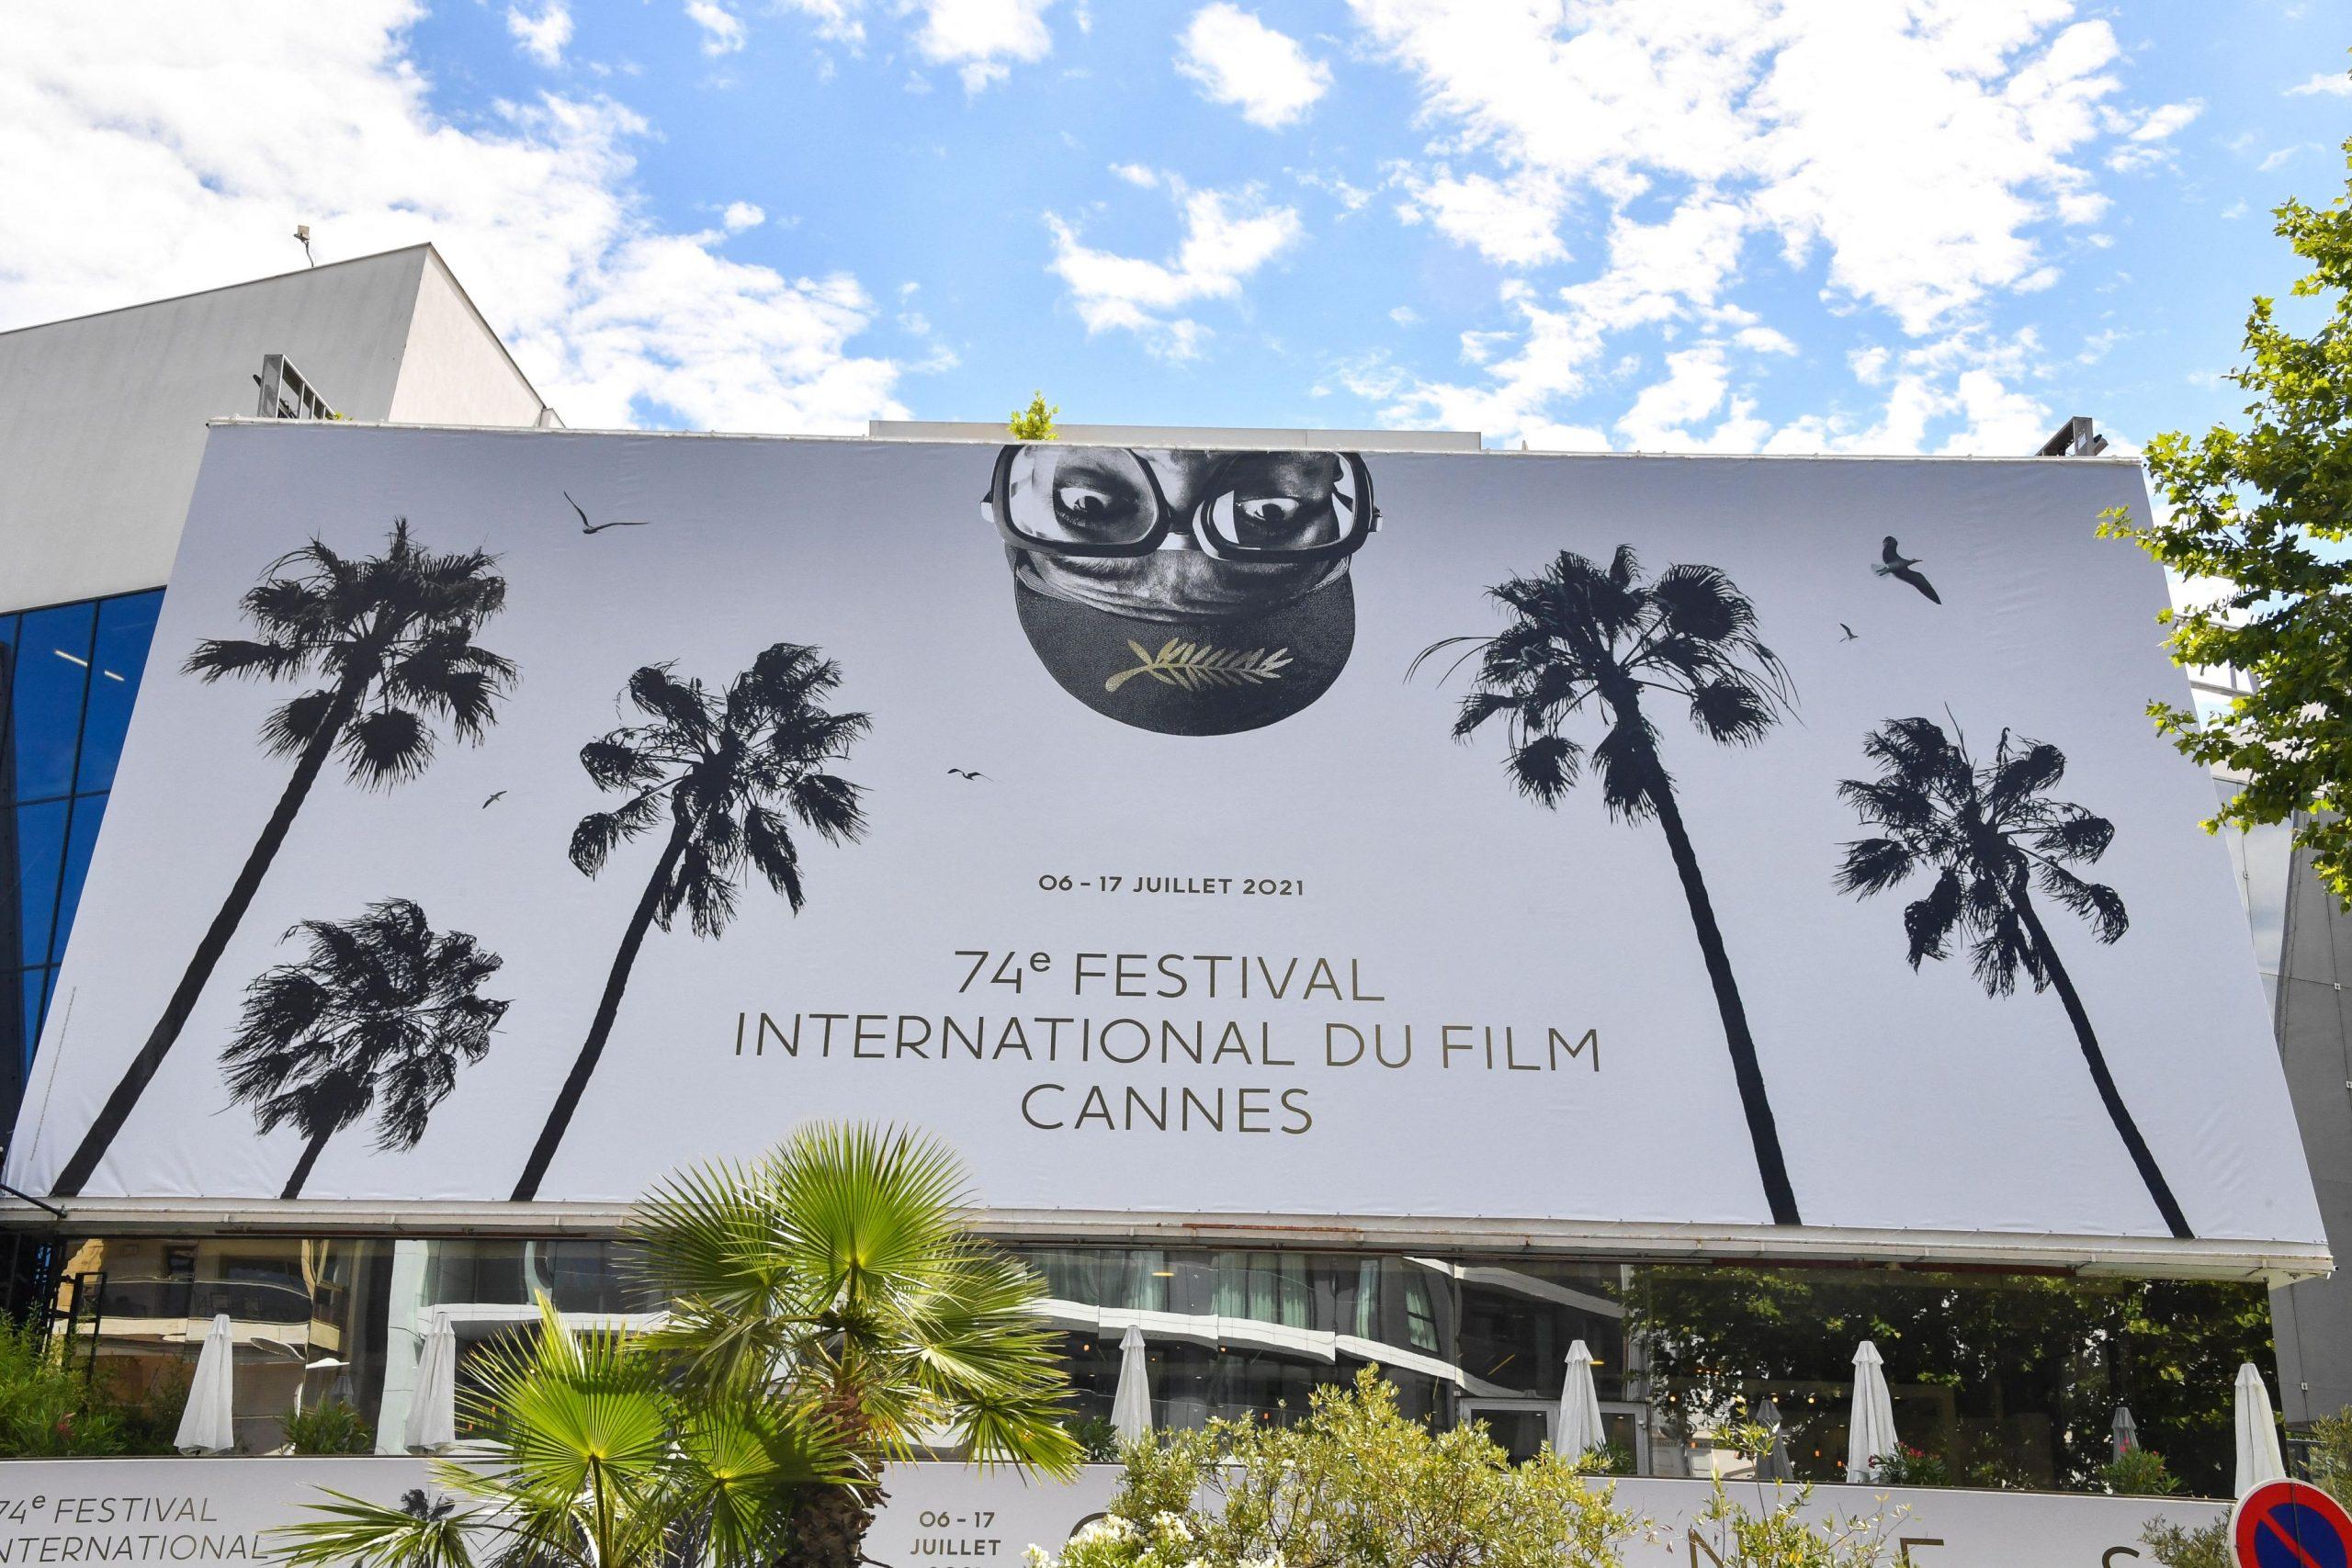 Alertă cu bombă la Cannes. Clădirea a fost evacuată